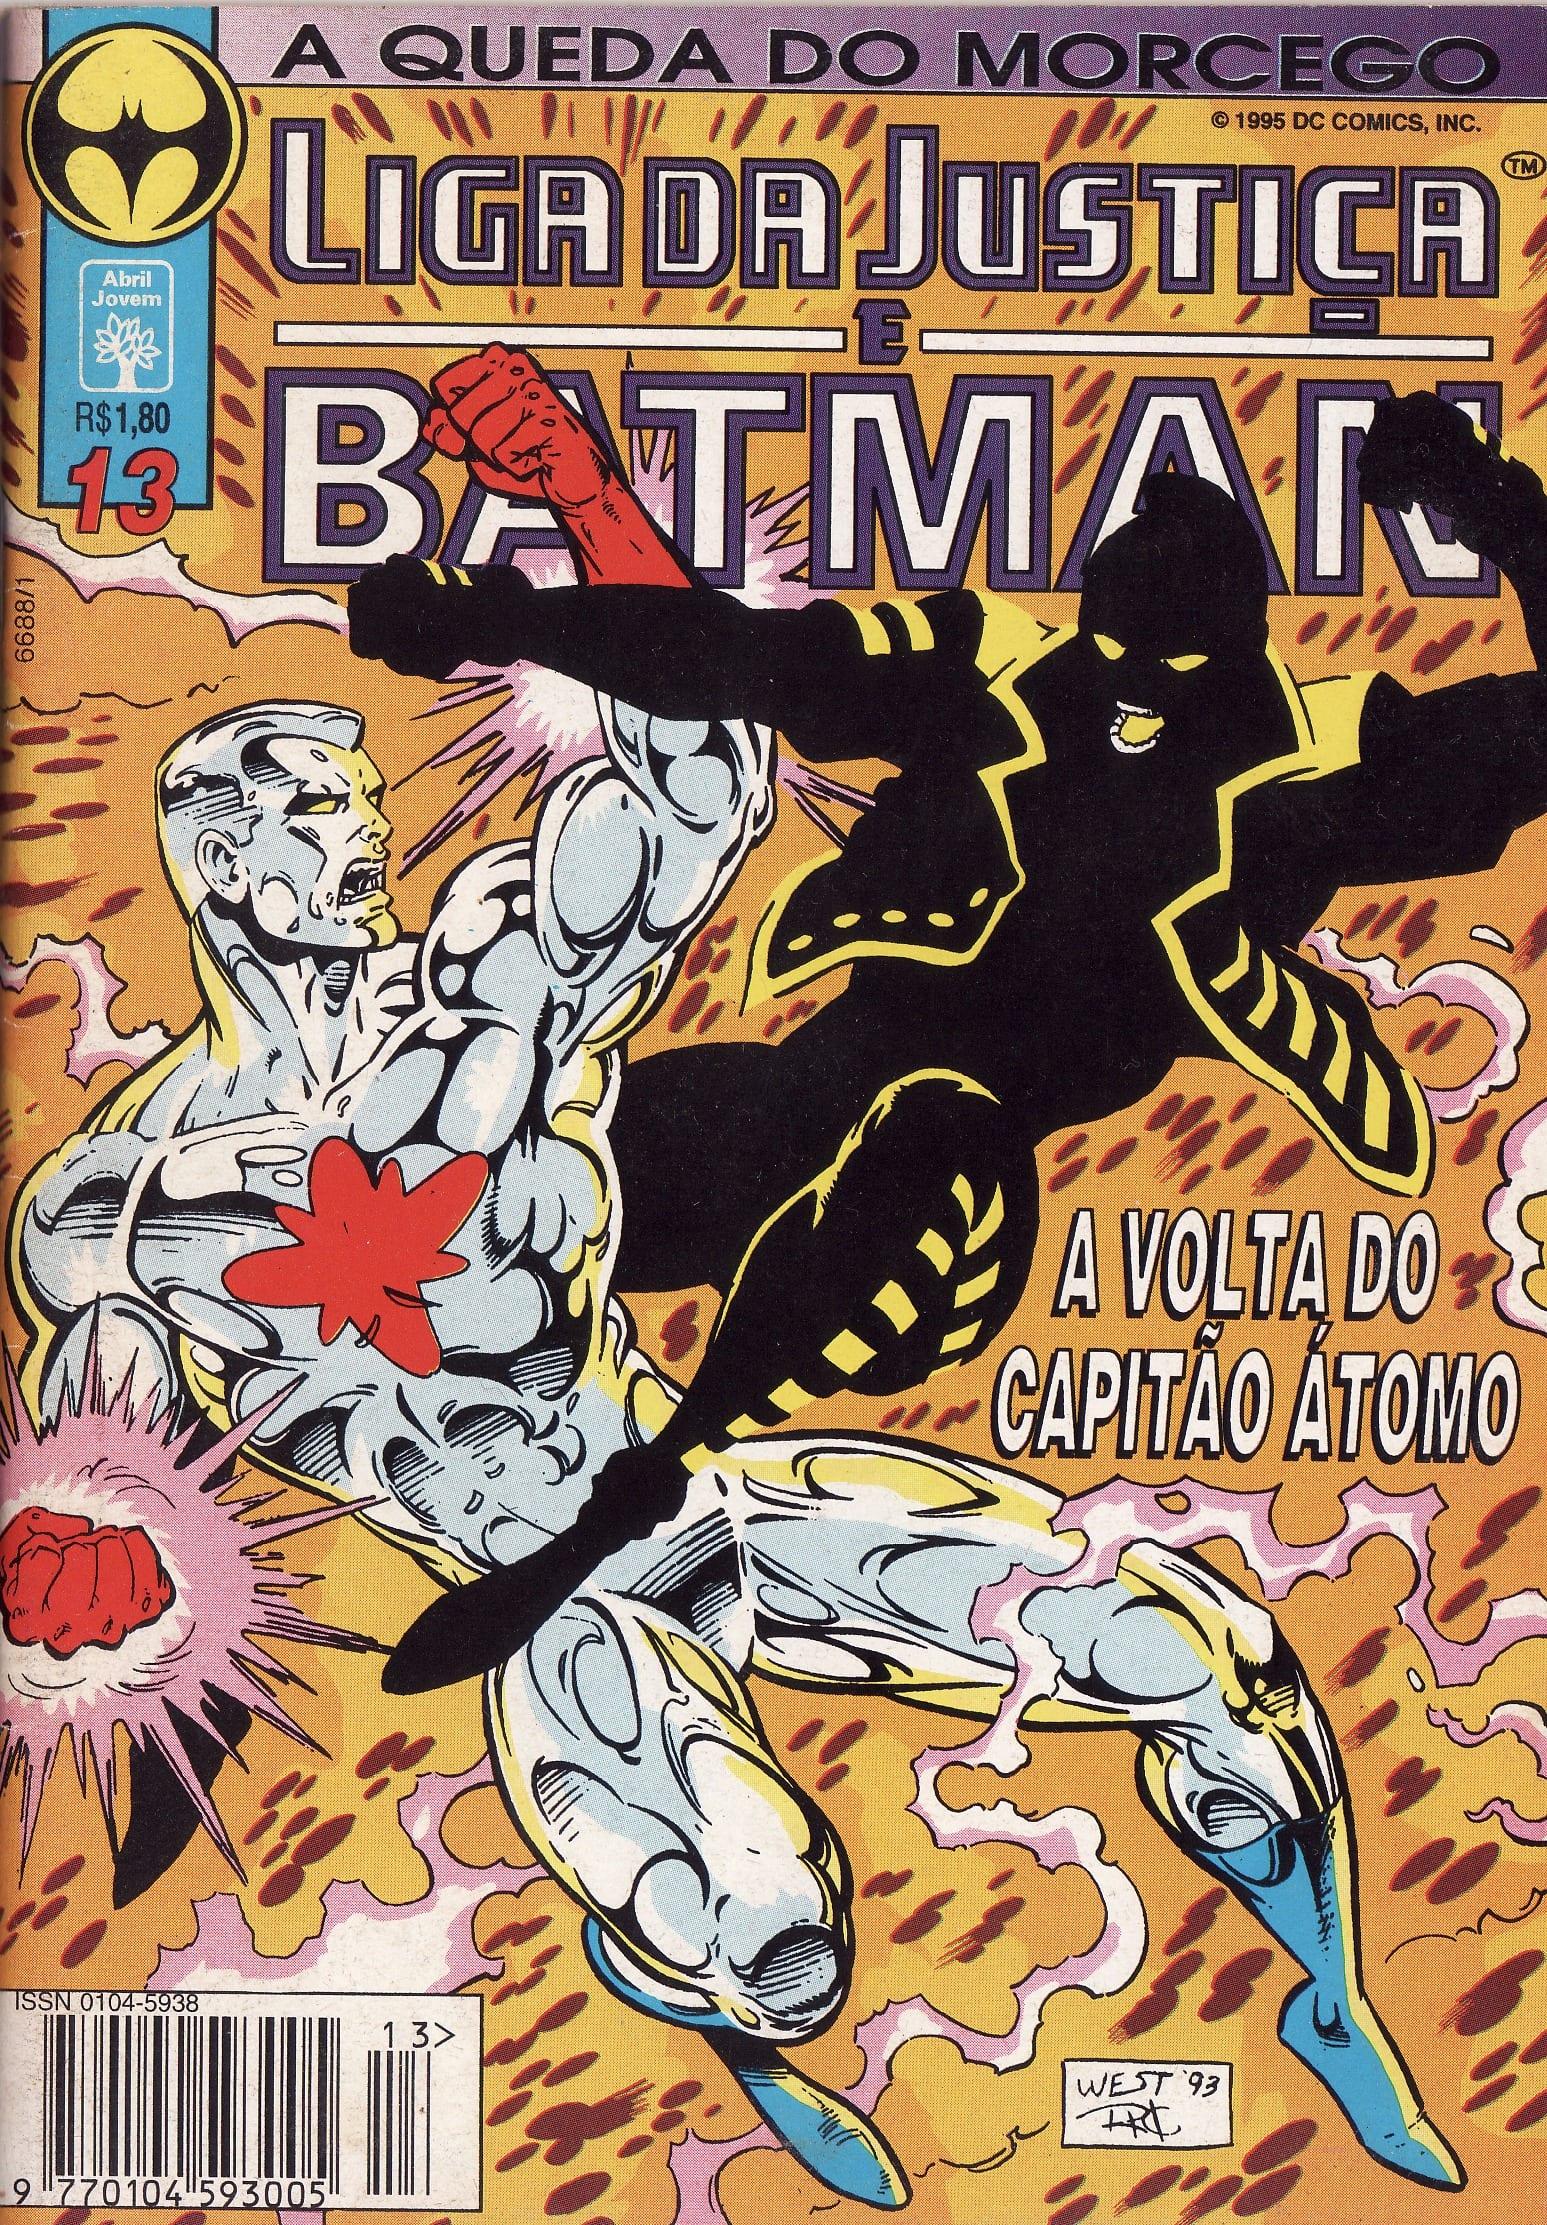 Capa: Liga da Justiça e Batman 13